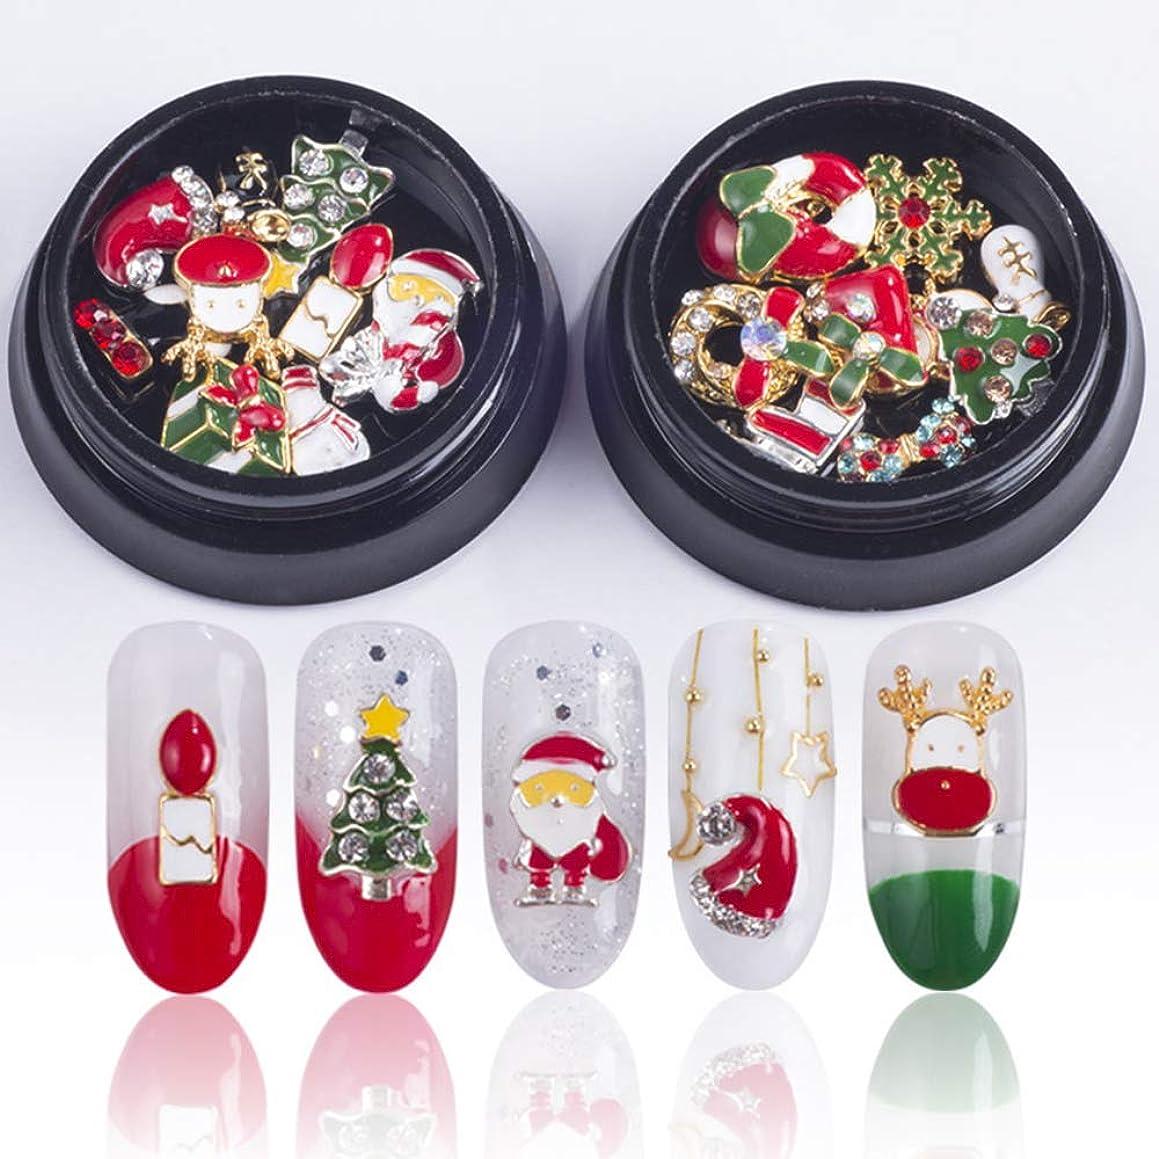 レイプ独特の協力20ピース/ 2ボックスゴールドシルバーメタル3dダイヤモンドネイルアートクリスマスデコレーションチャームネイルグリッターラインストーンネイル用品ジュエリー